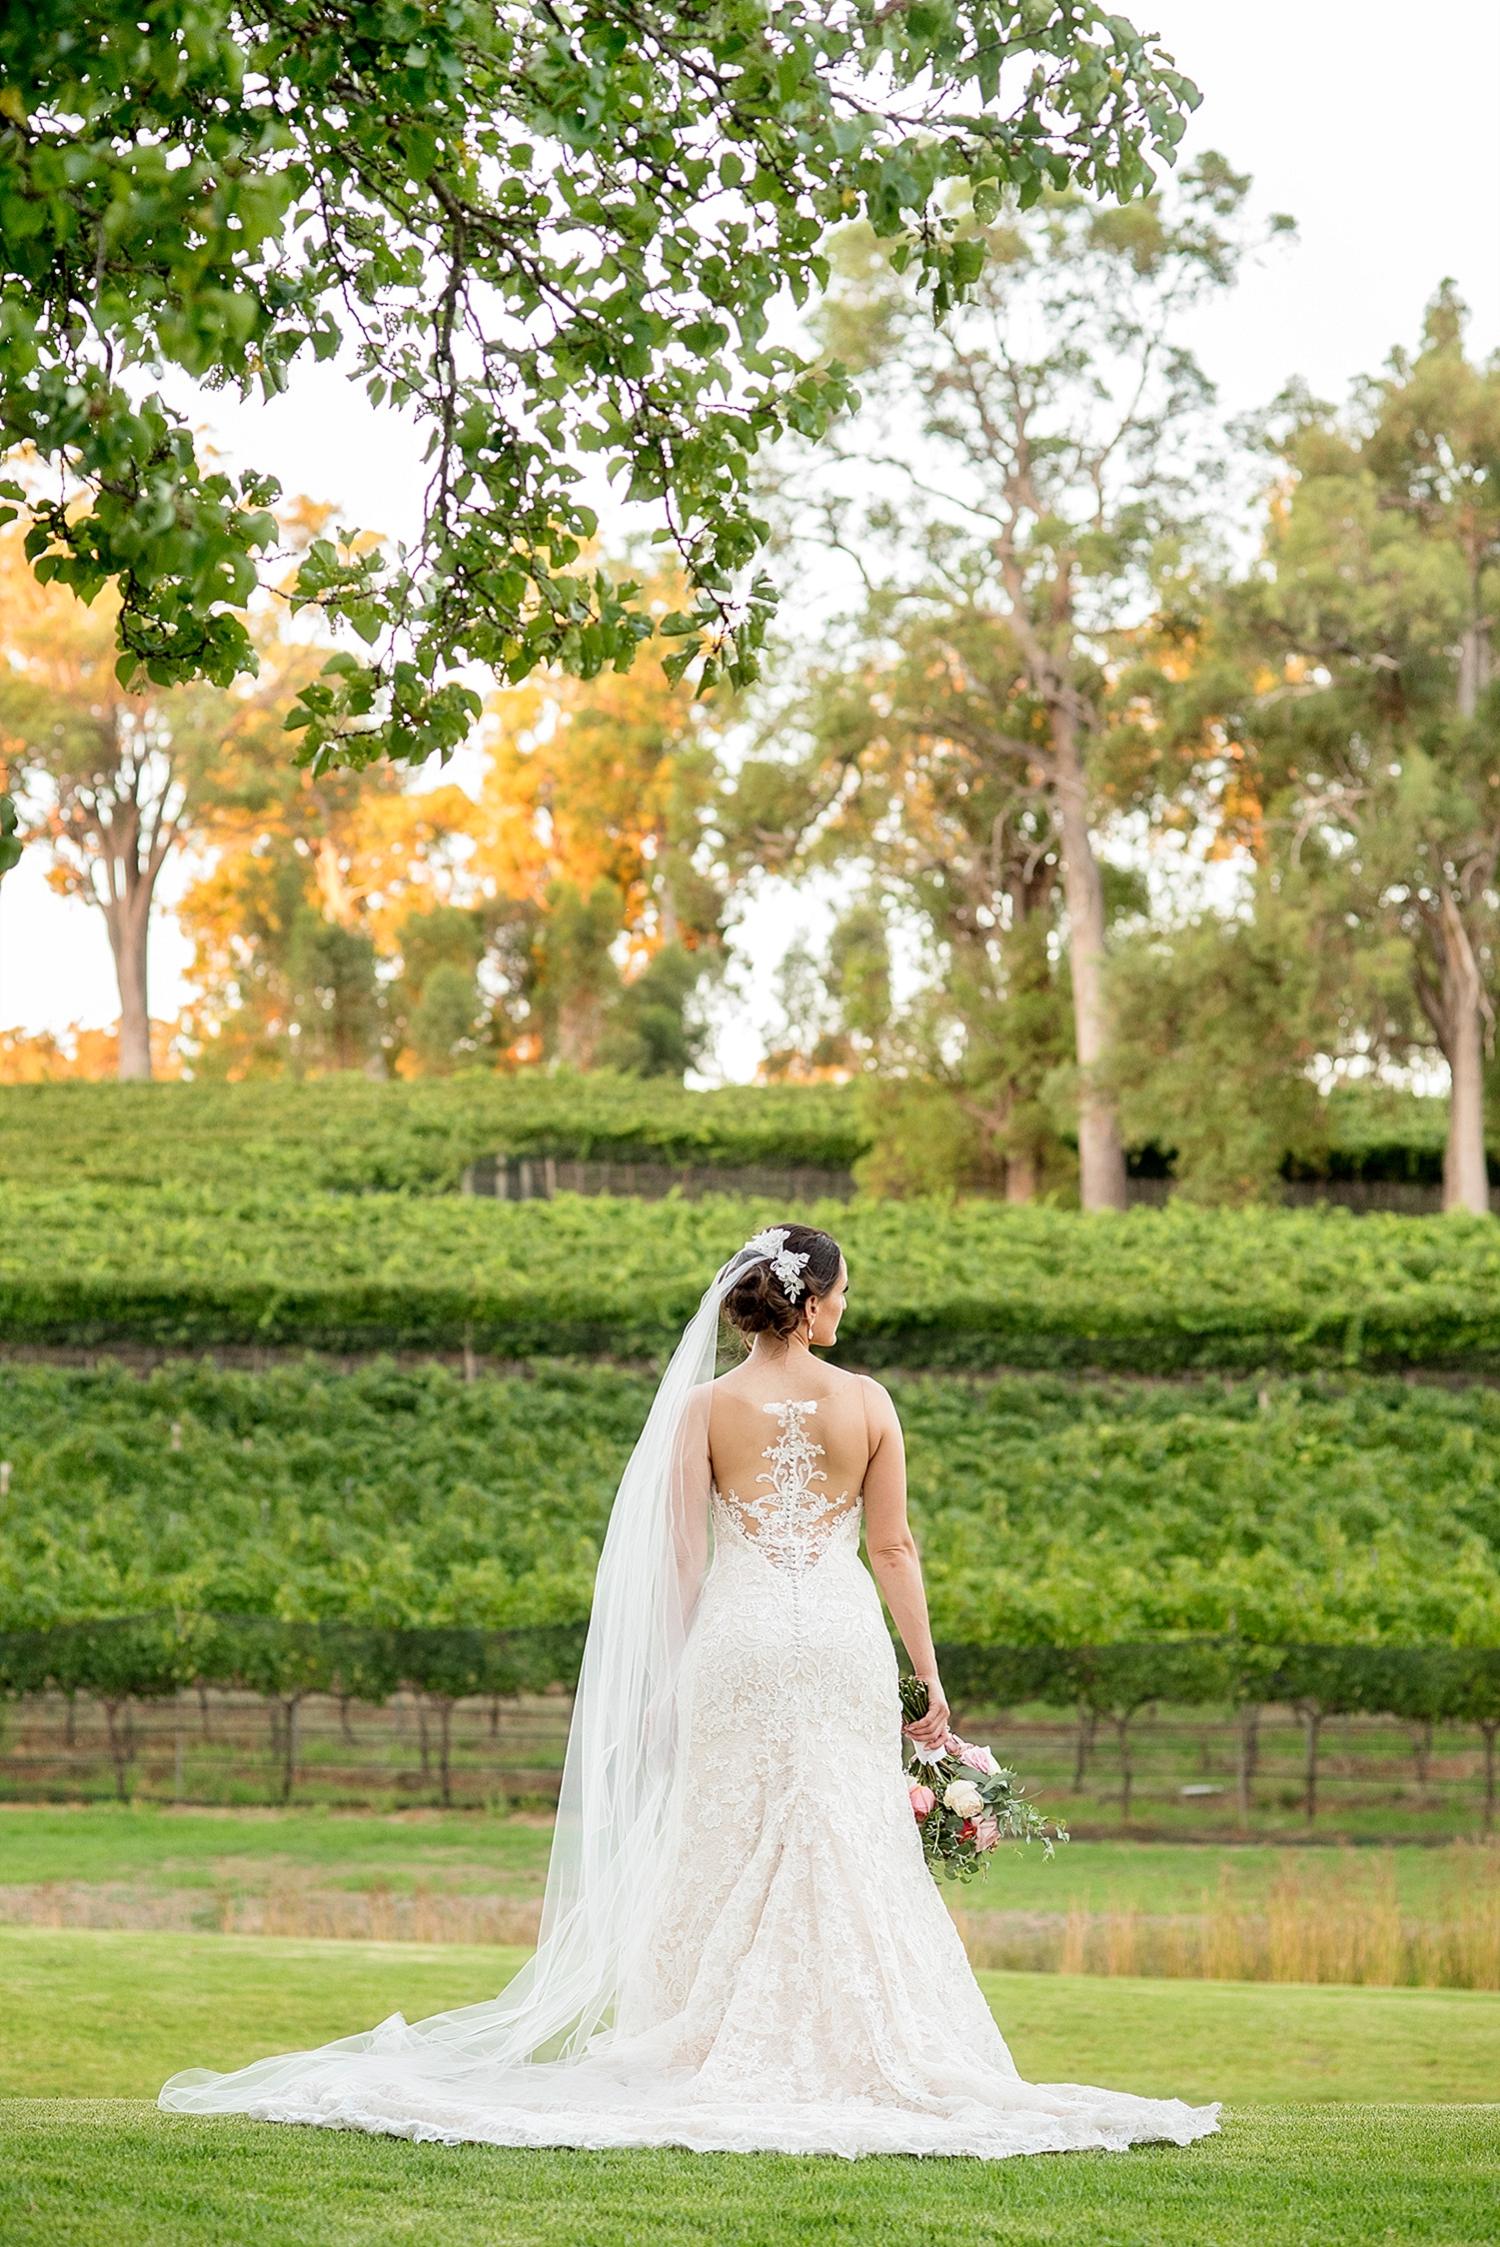 64_millbrook winery wedding perth bride in vineyard .jpg